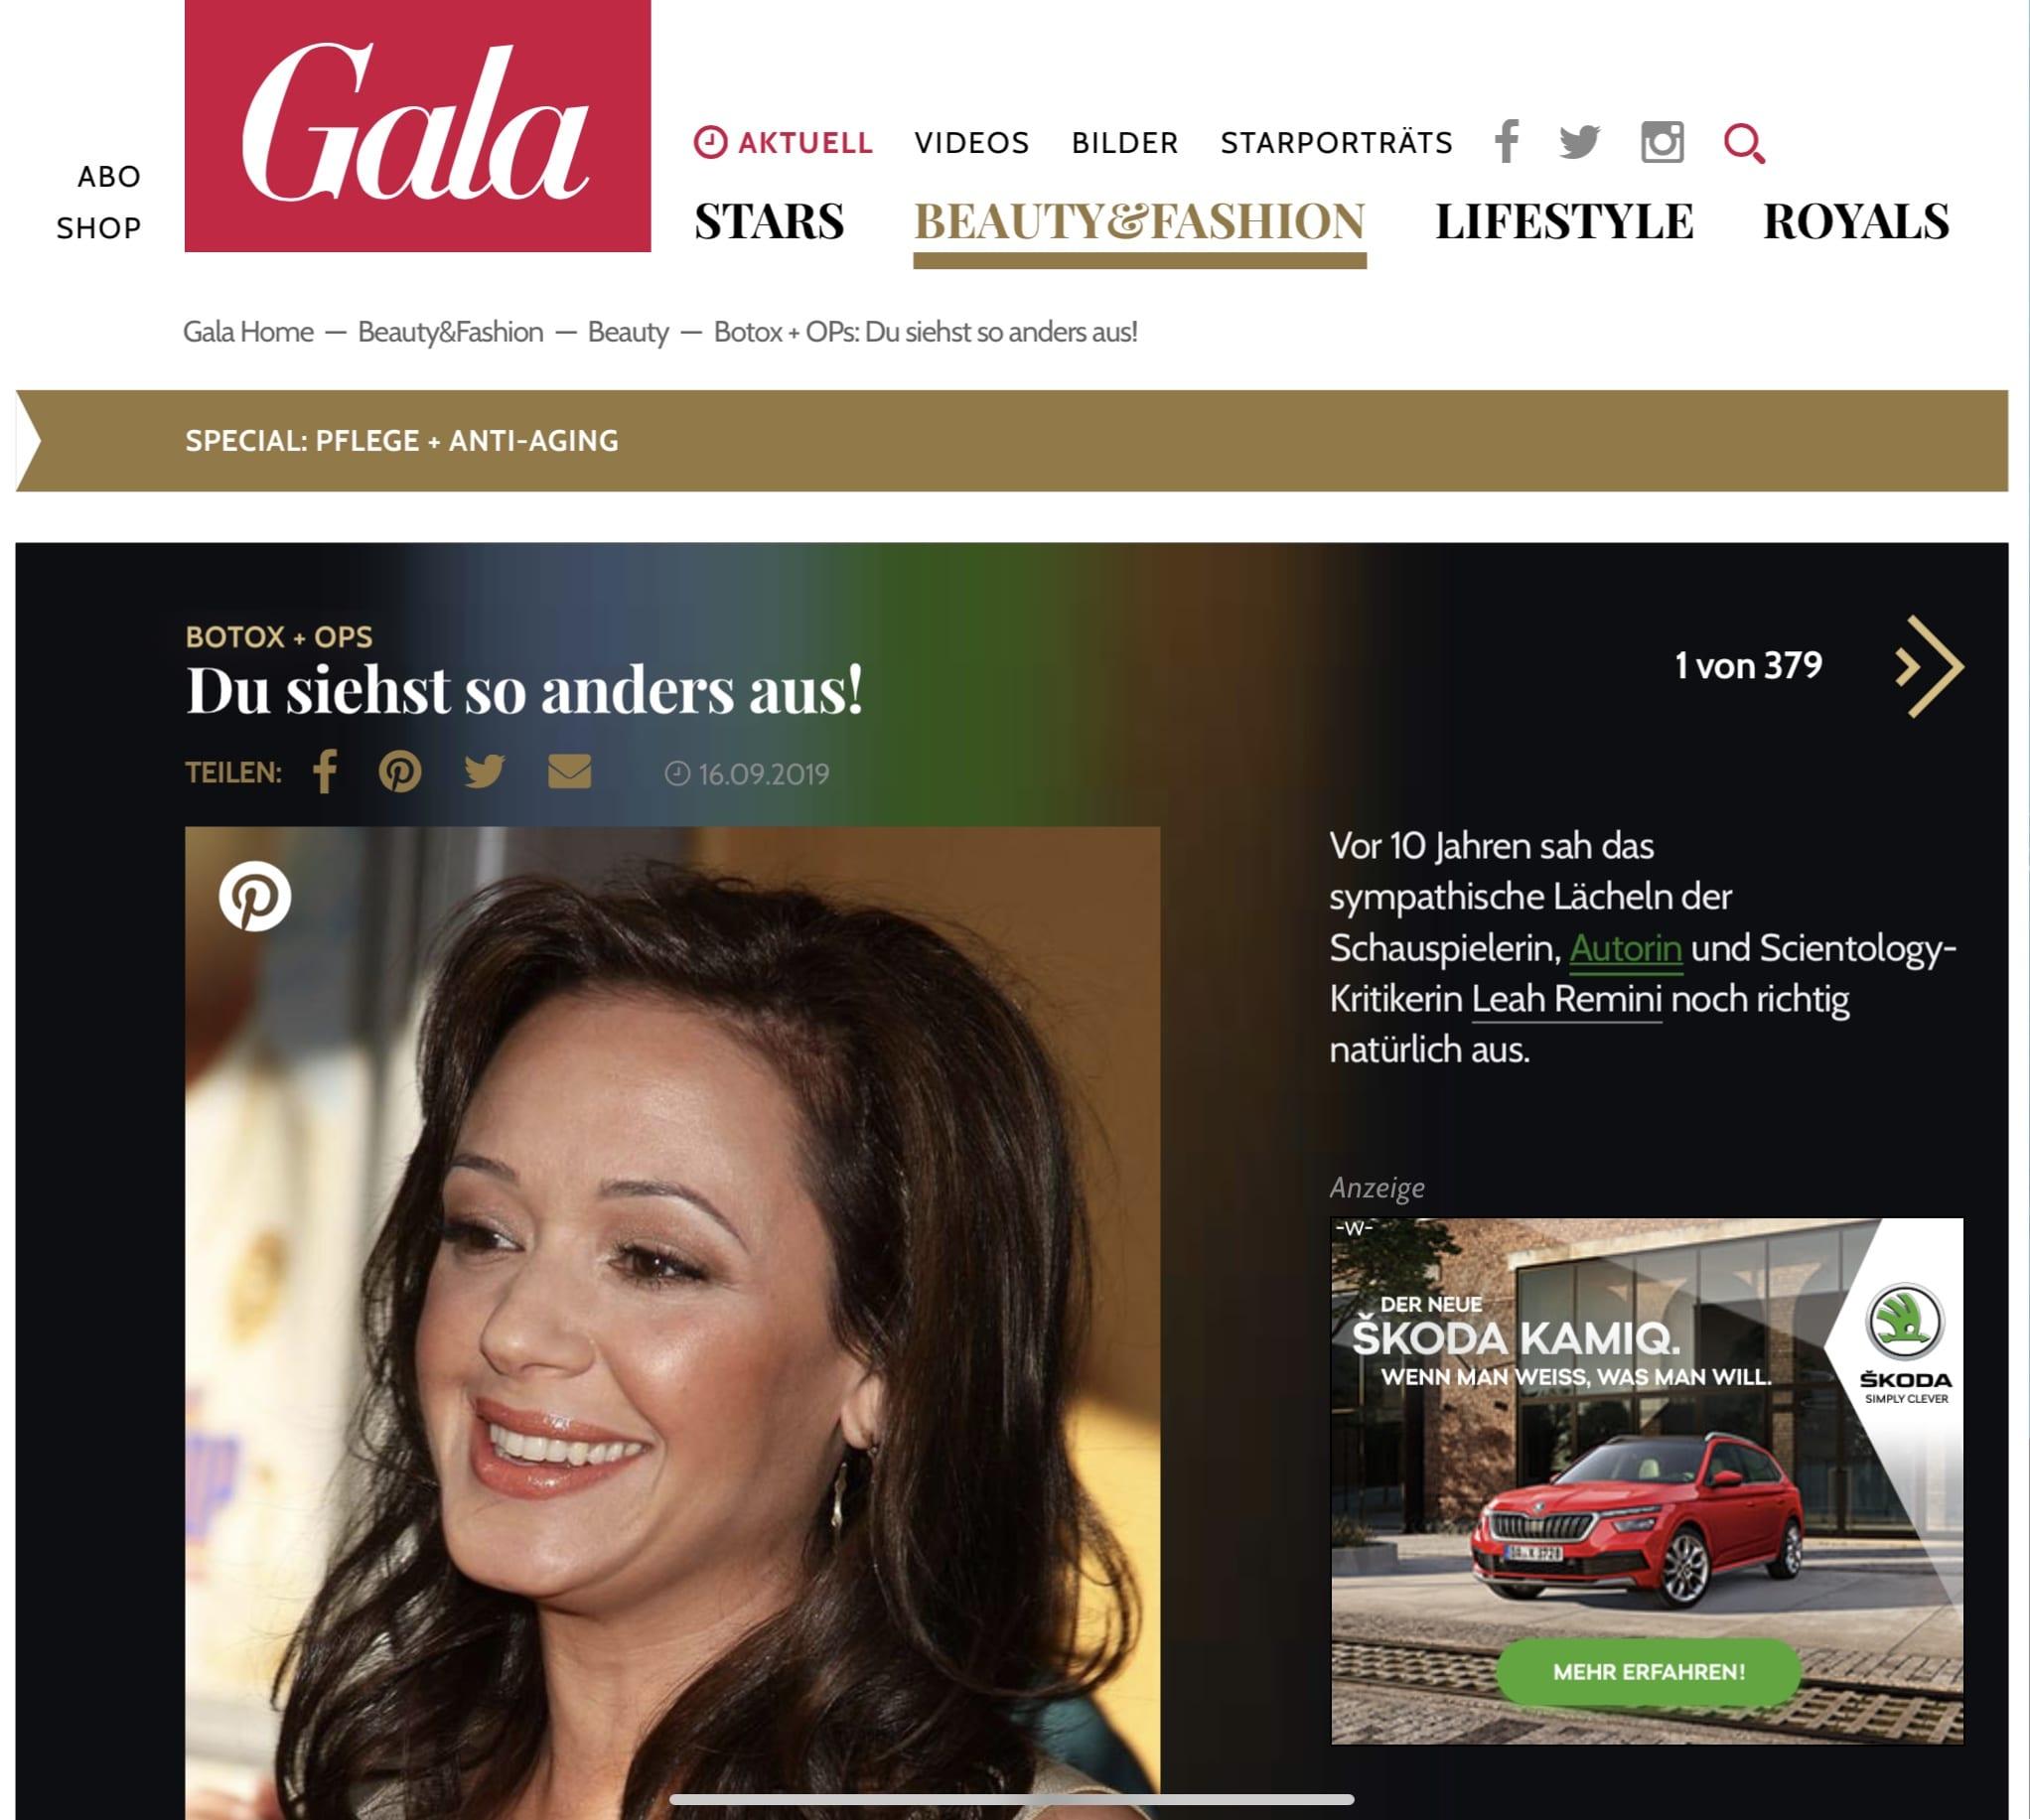 Gala.de Du siehst so anders aus